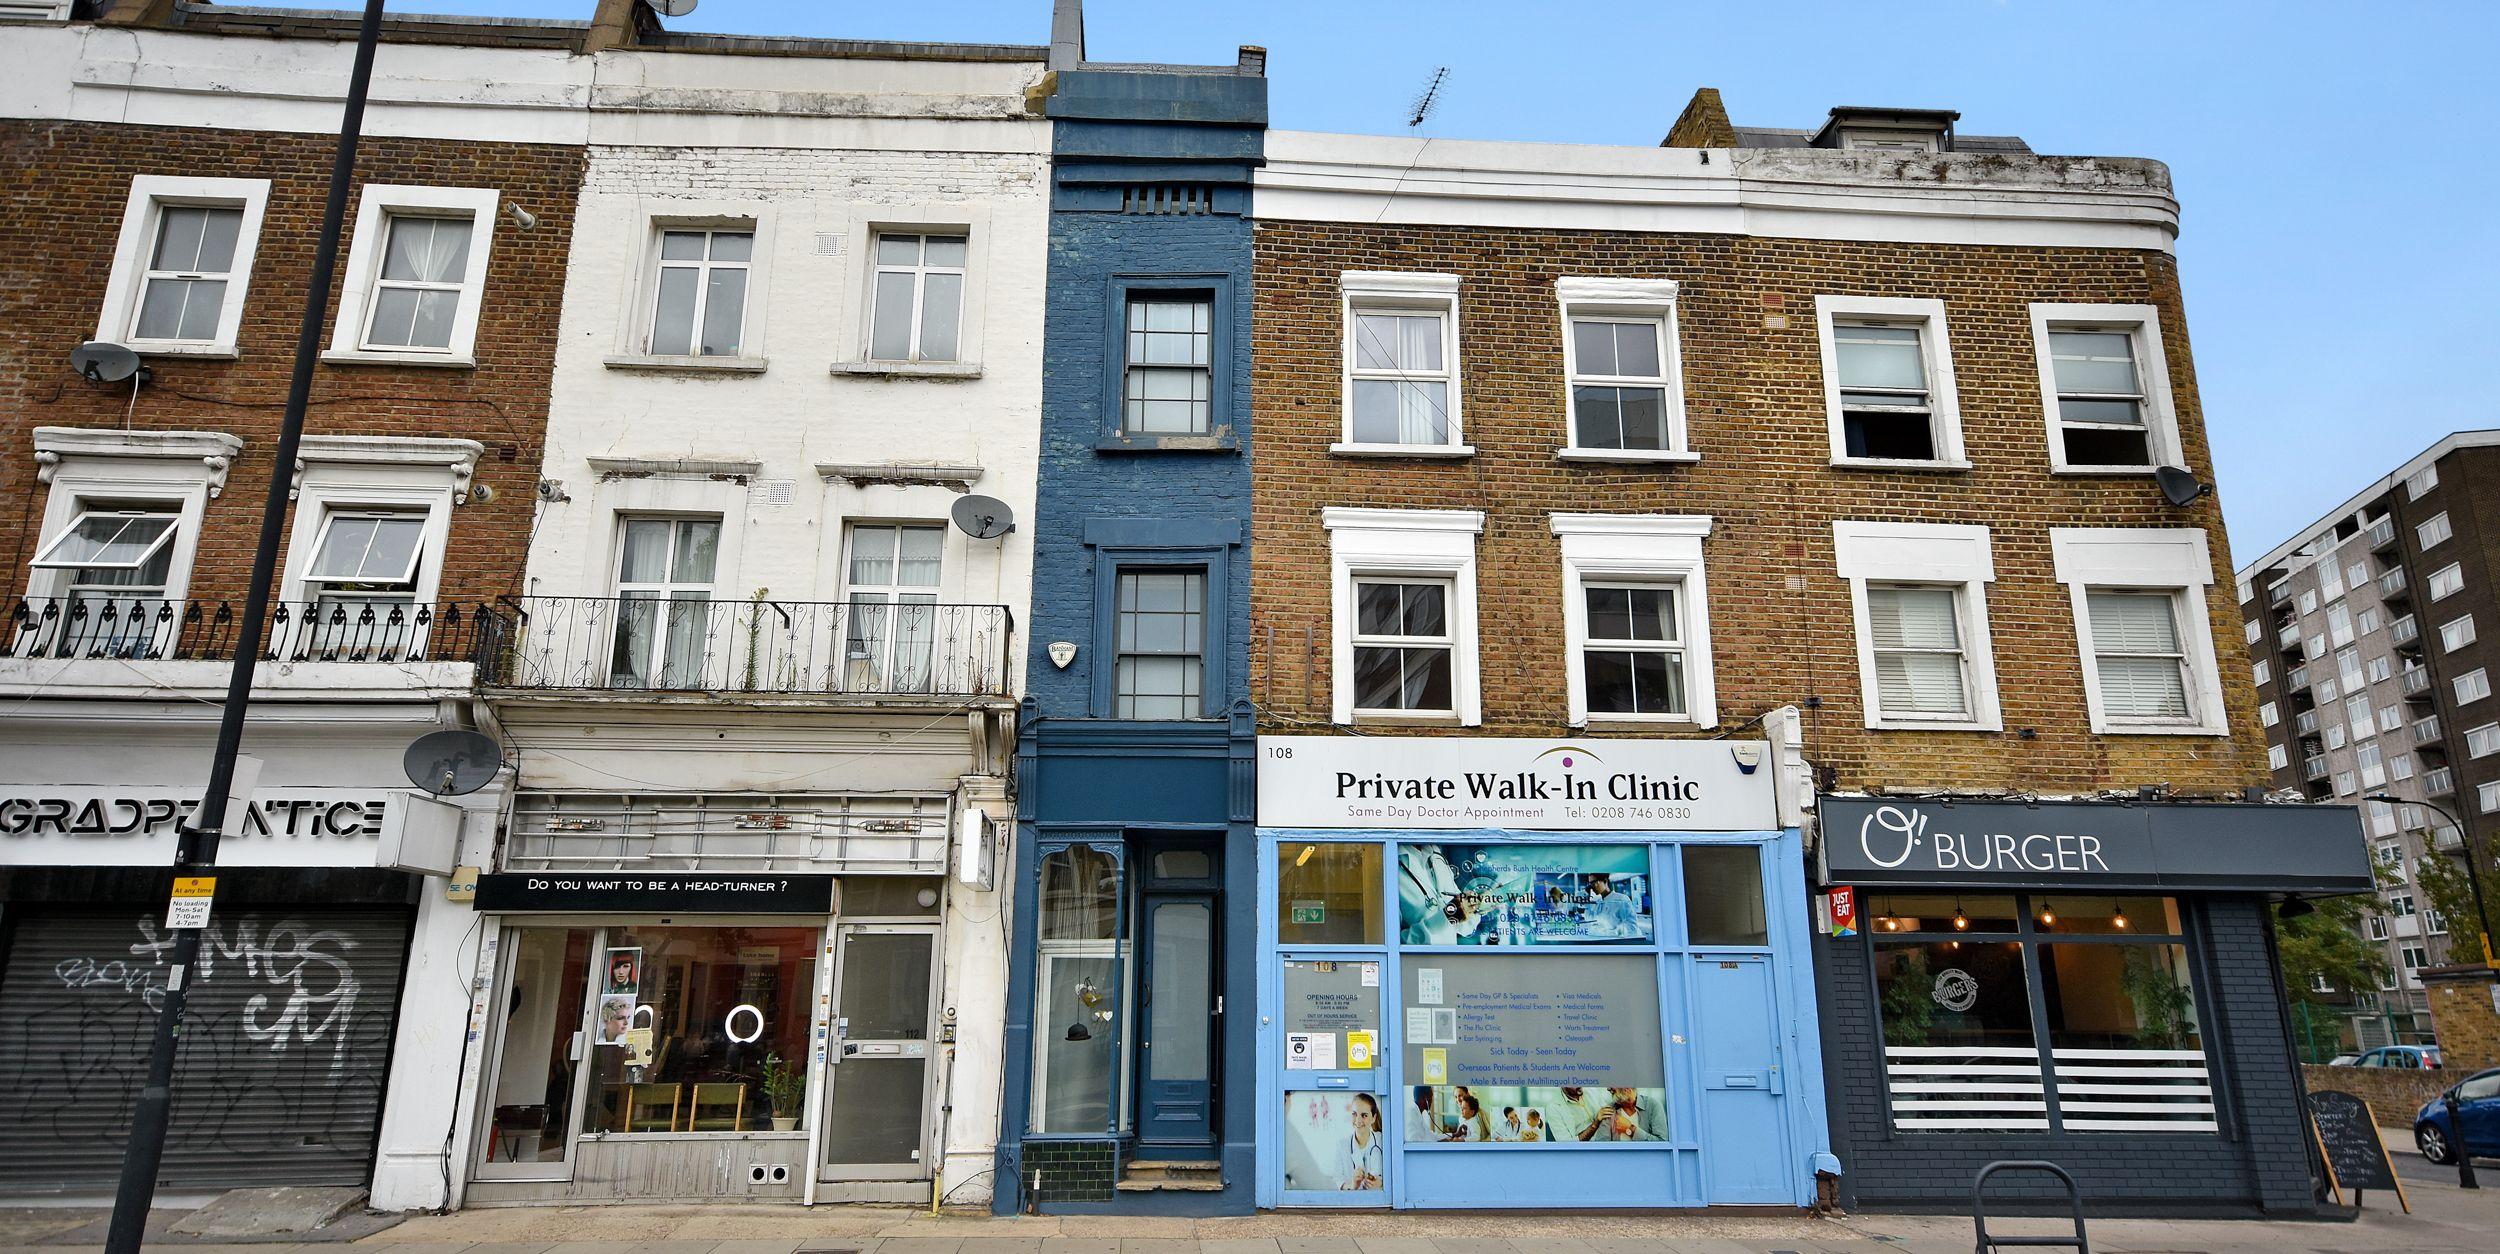 Самый узкий дом Лондона выставлен на продажу почти за 100 миллионов рублей